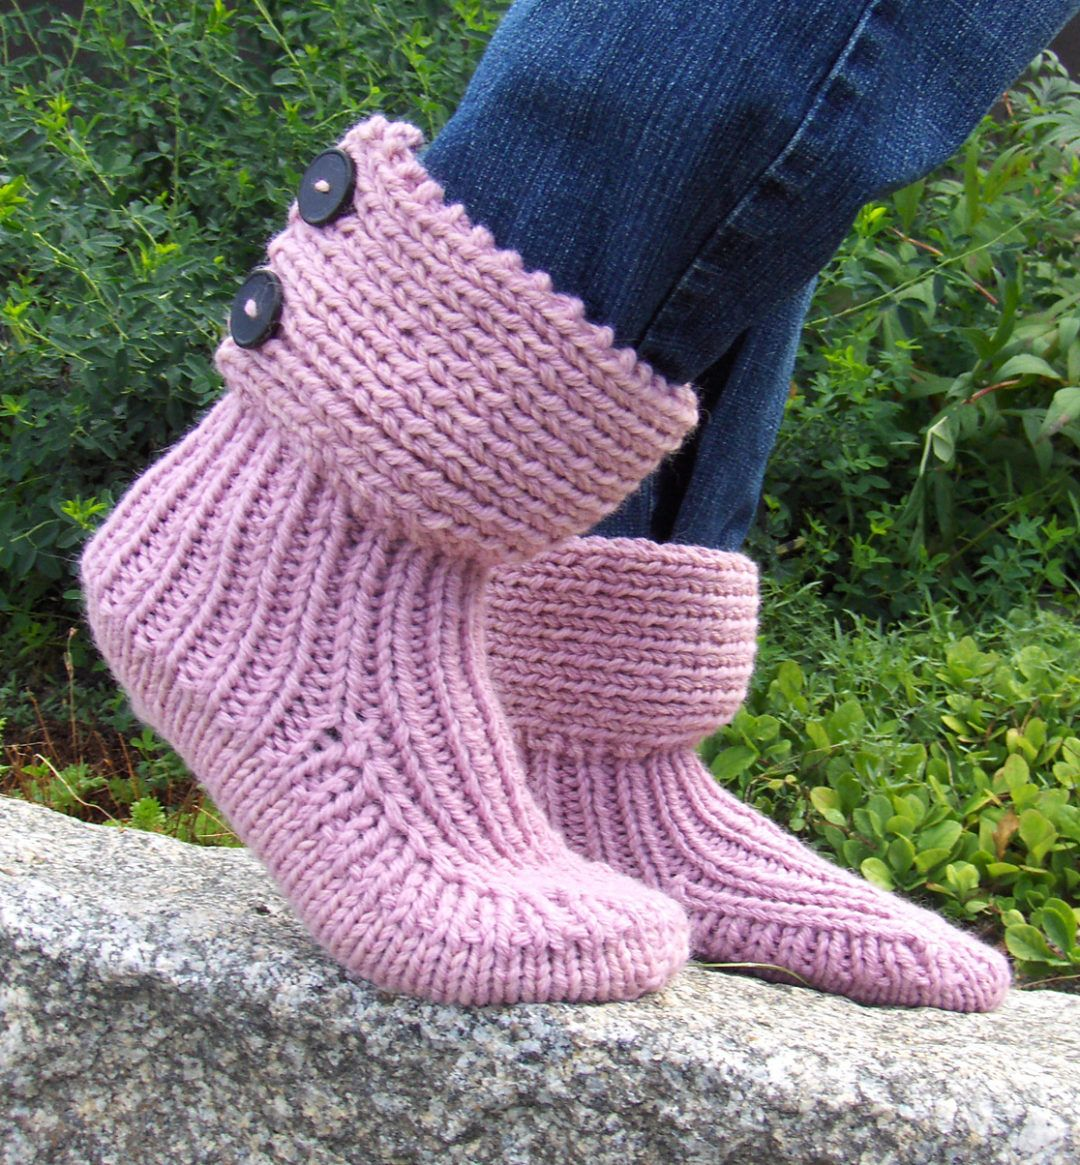 Free Knitting Pattern For Moon Socks Slipper Boots Knitting